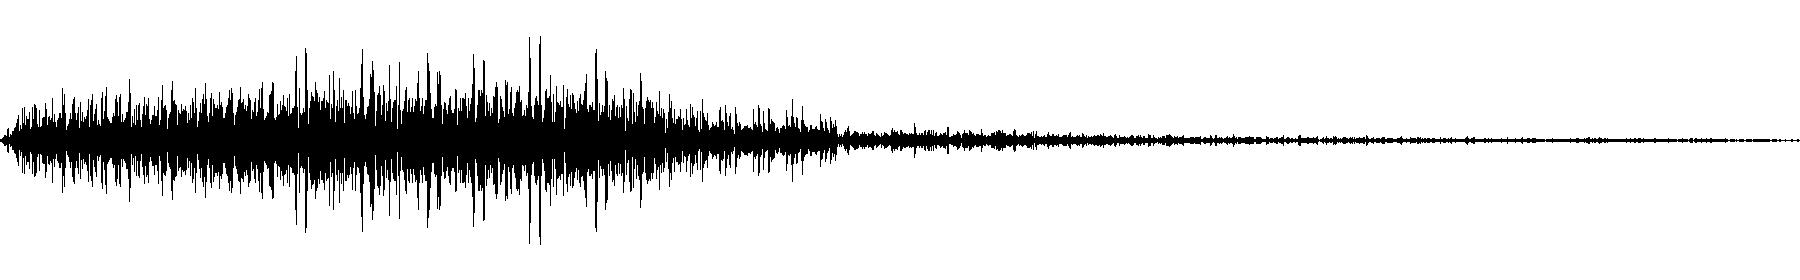 veh2 synths   045 c